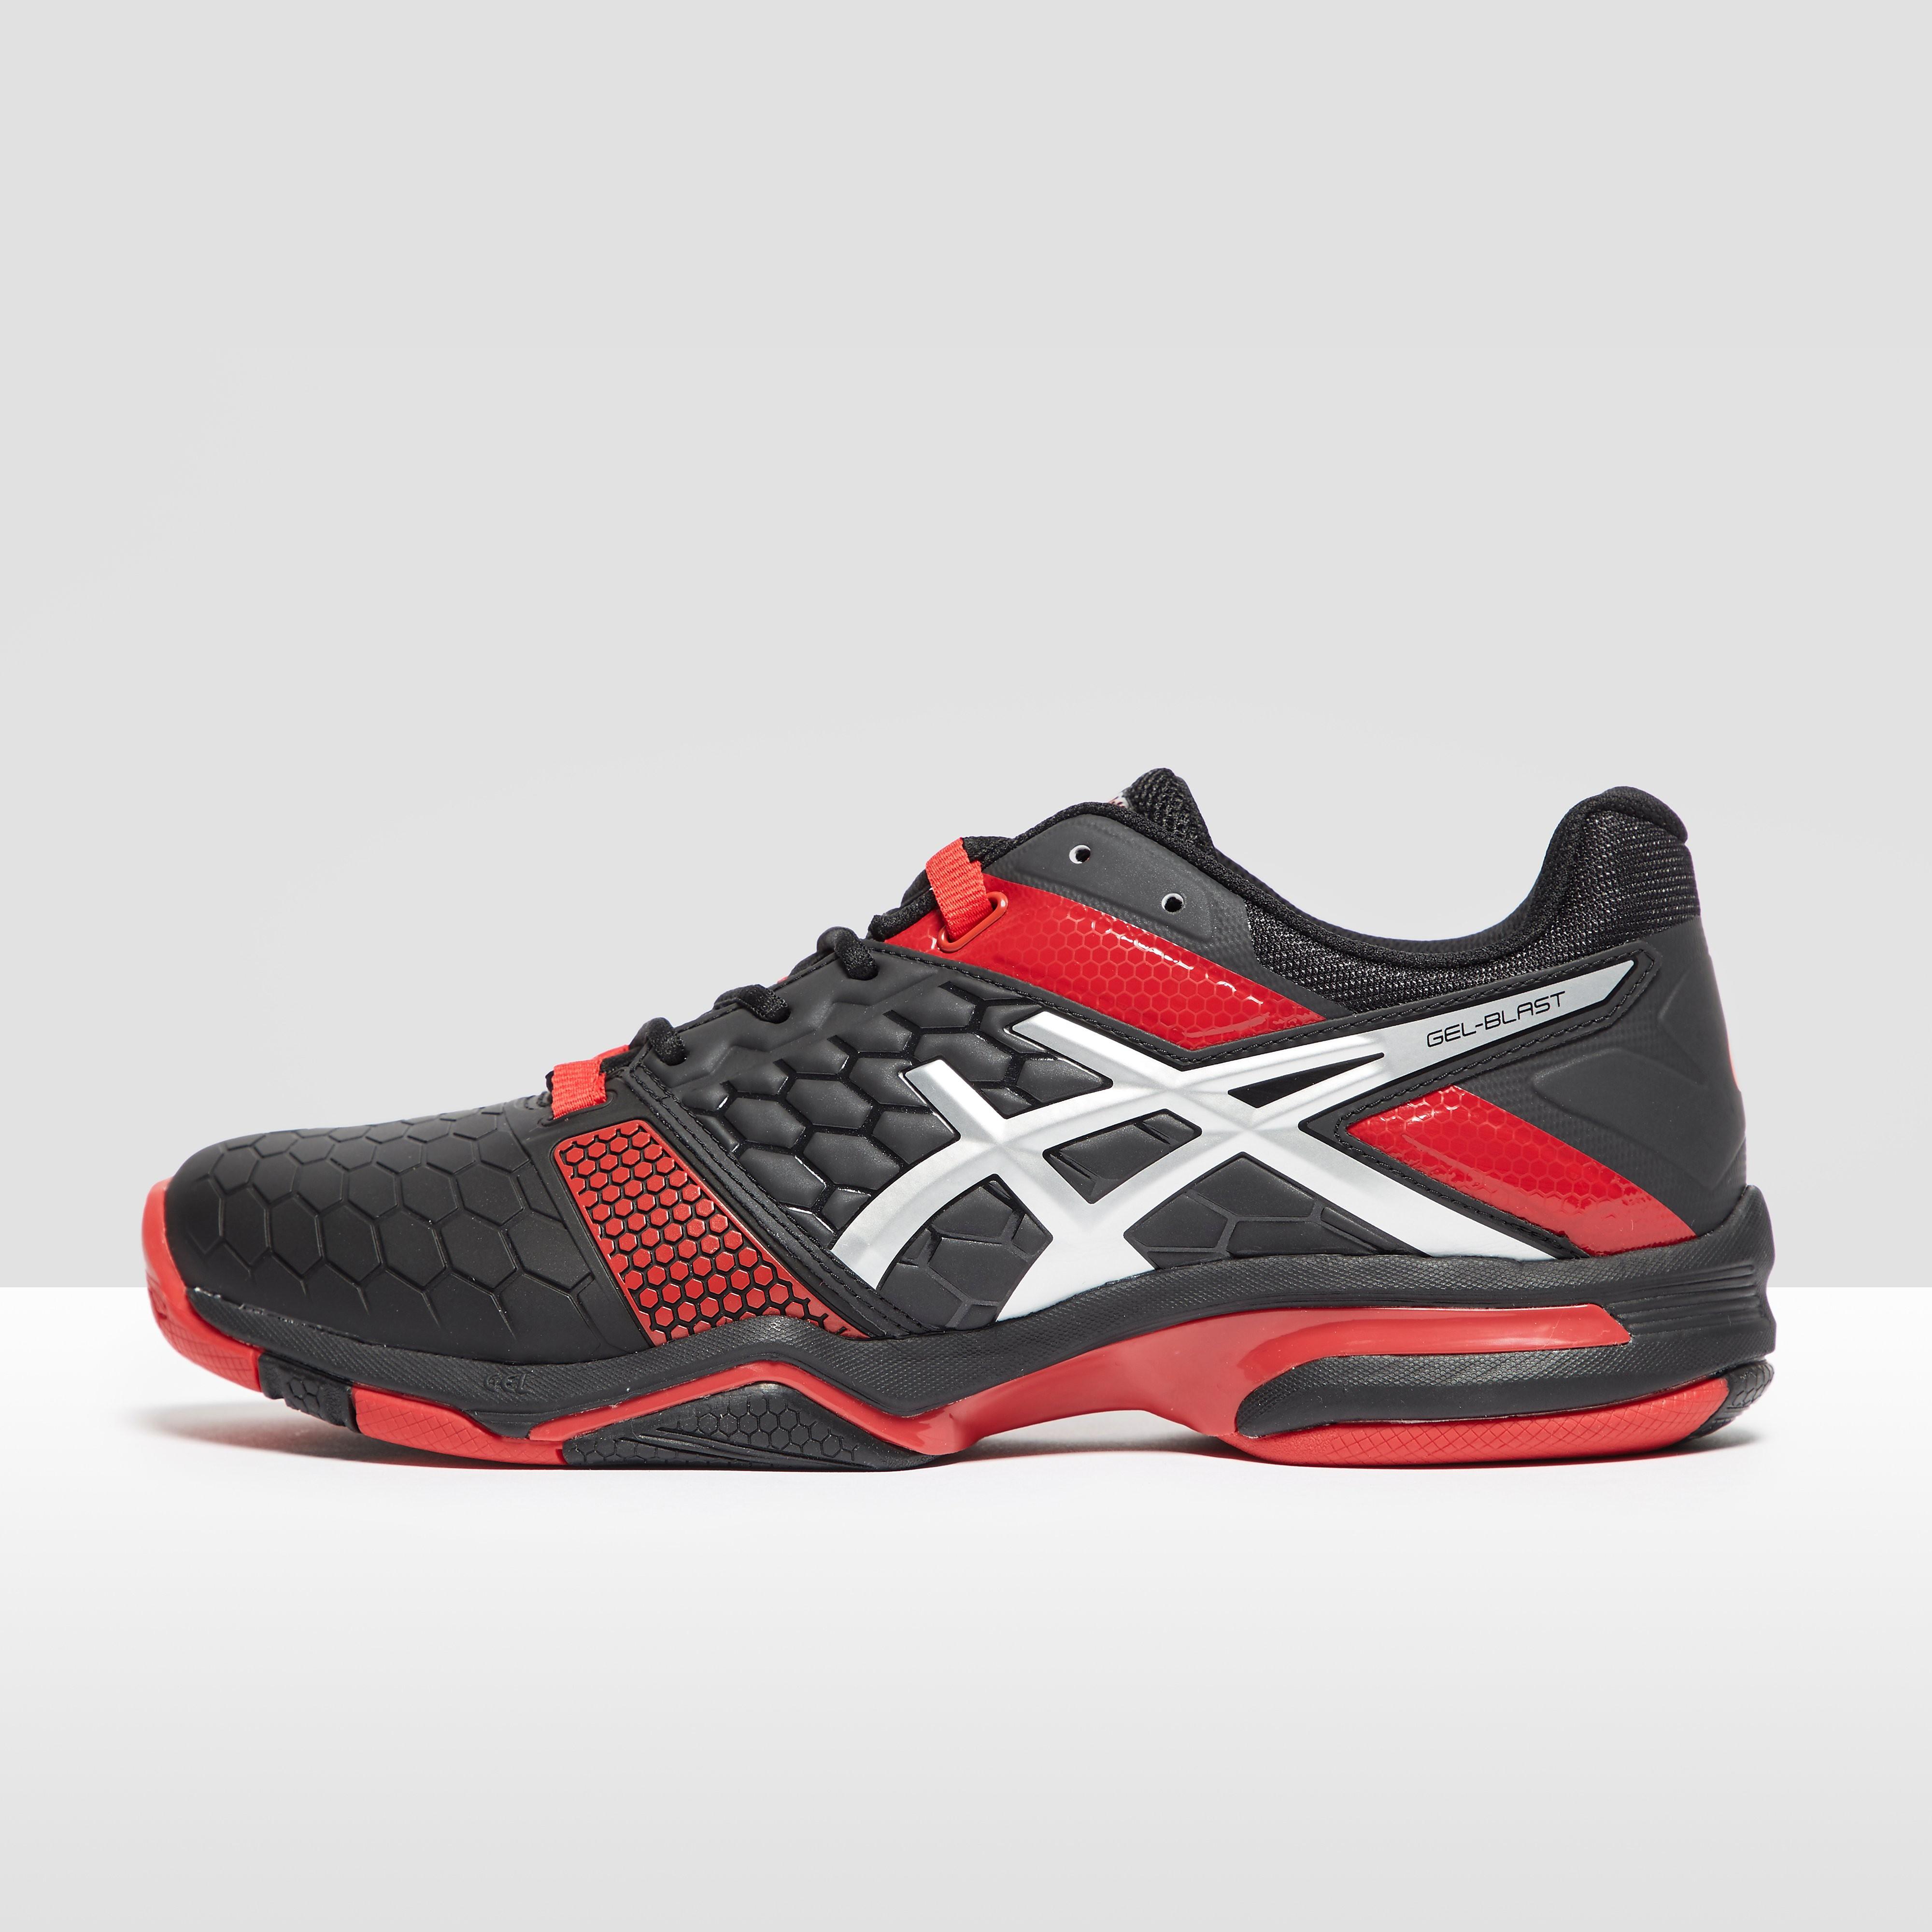 ASICS Gel-Blast 7 Men's Indoor Court Shoes